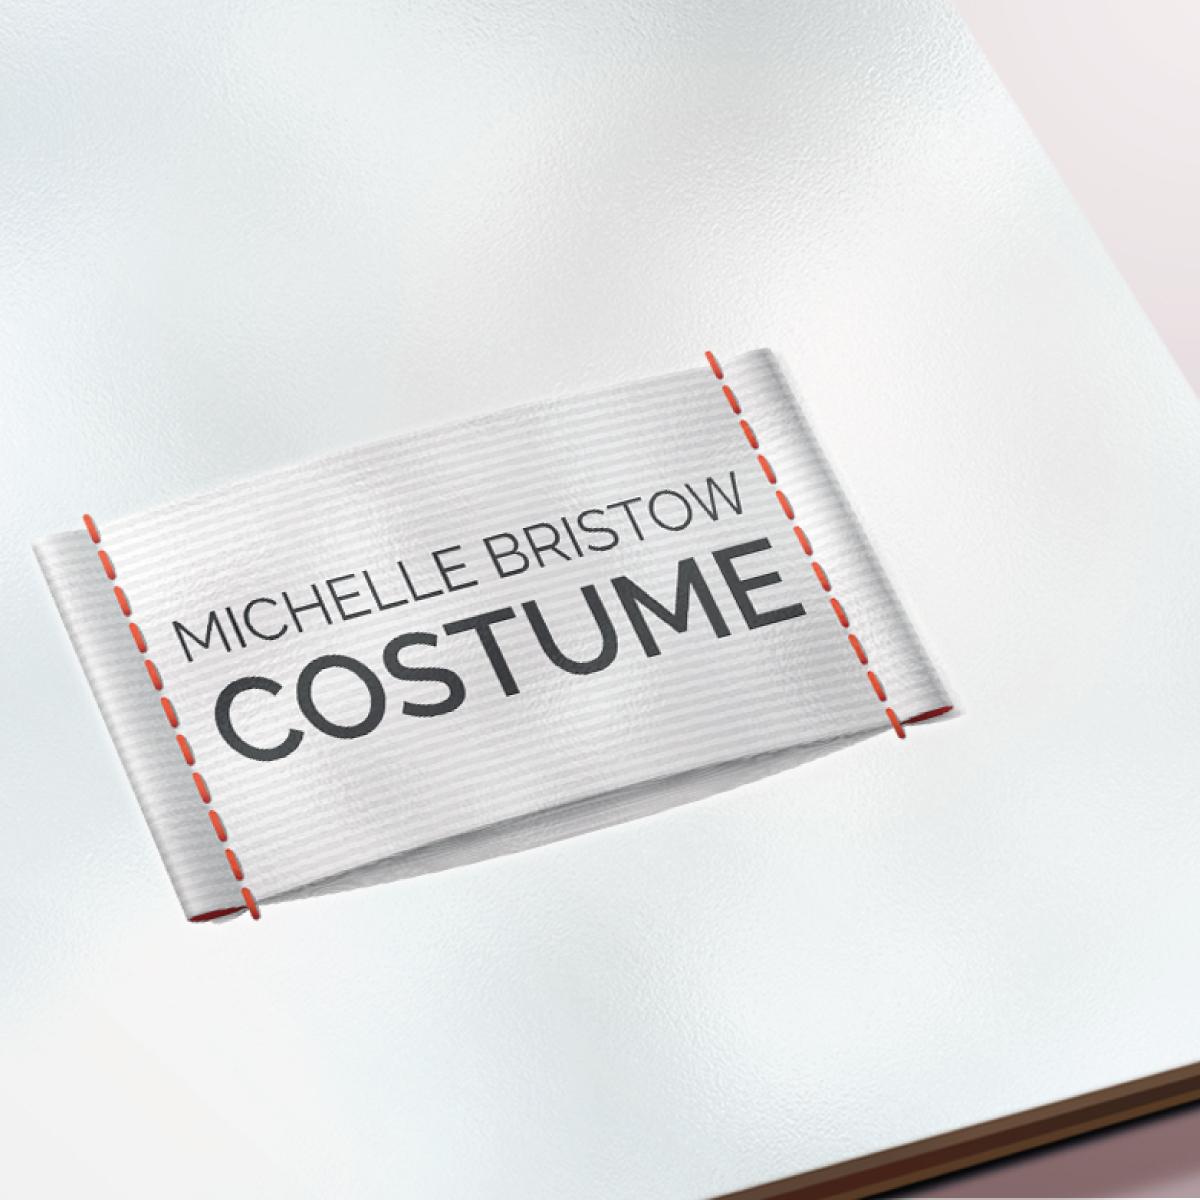 logo design for the costume design michelle bristow